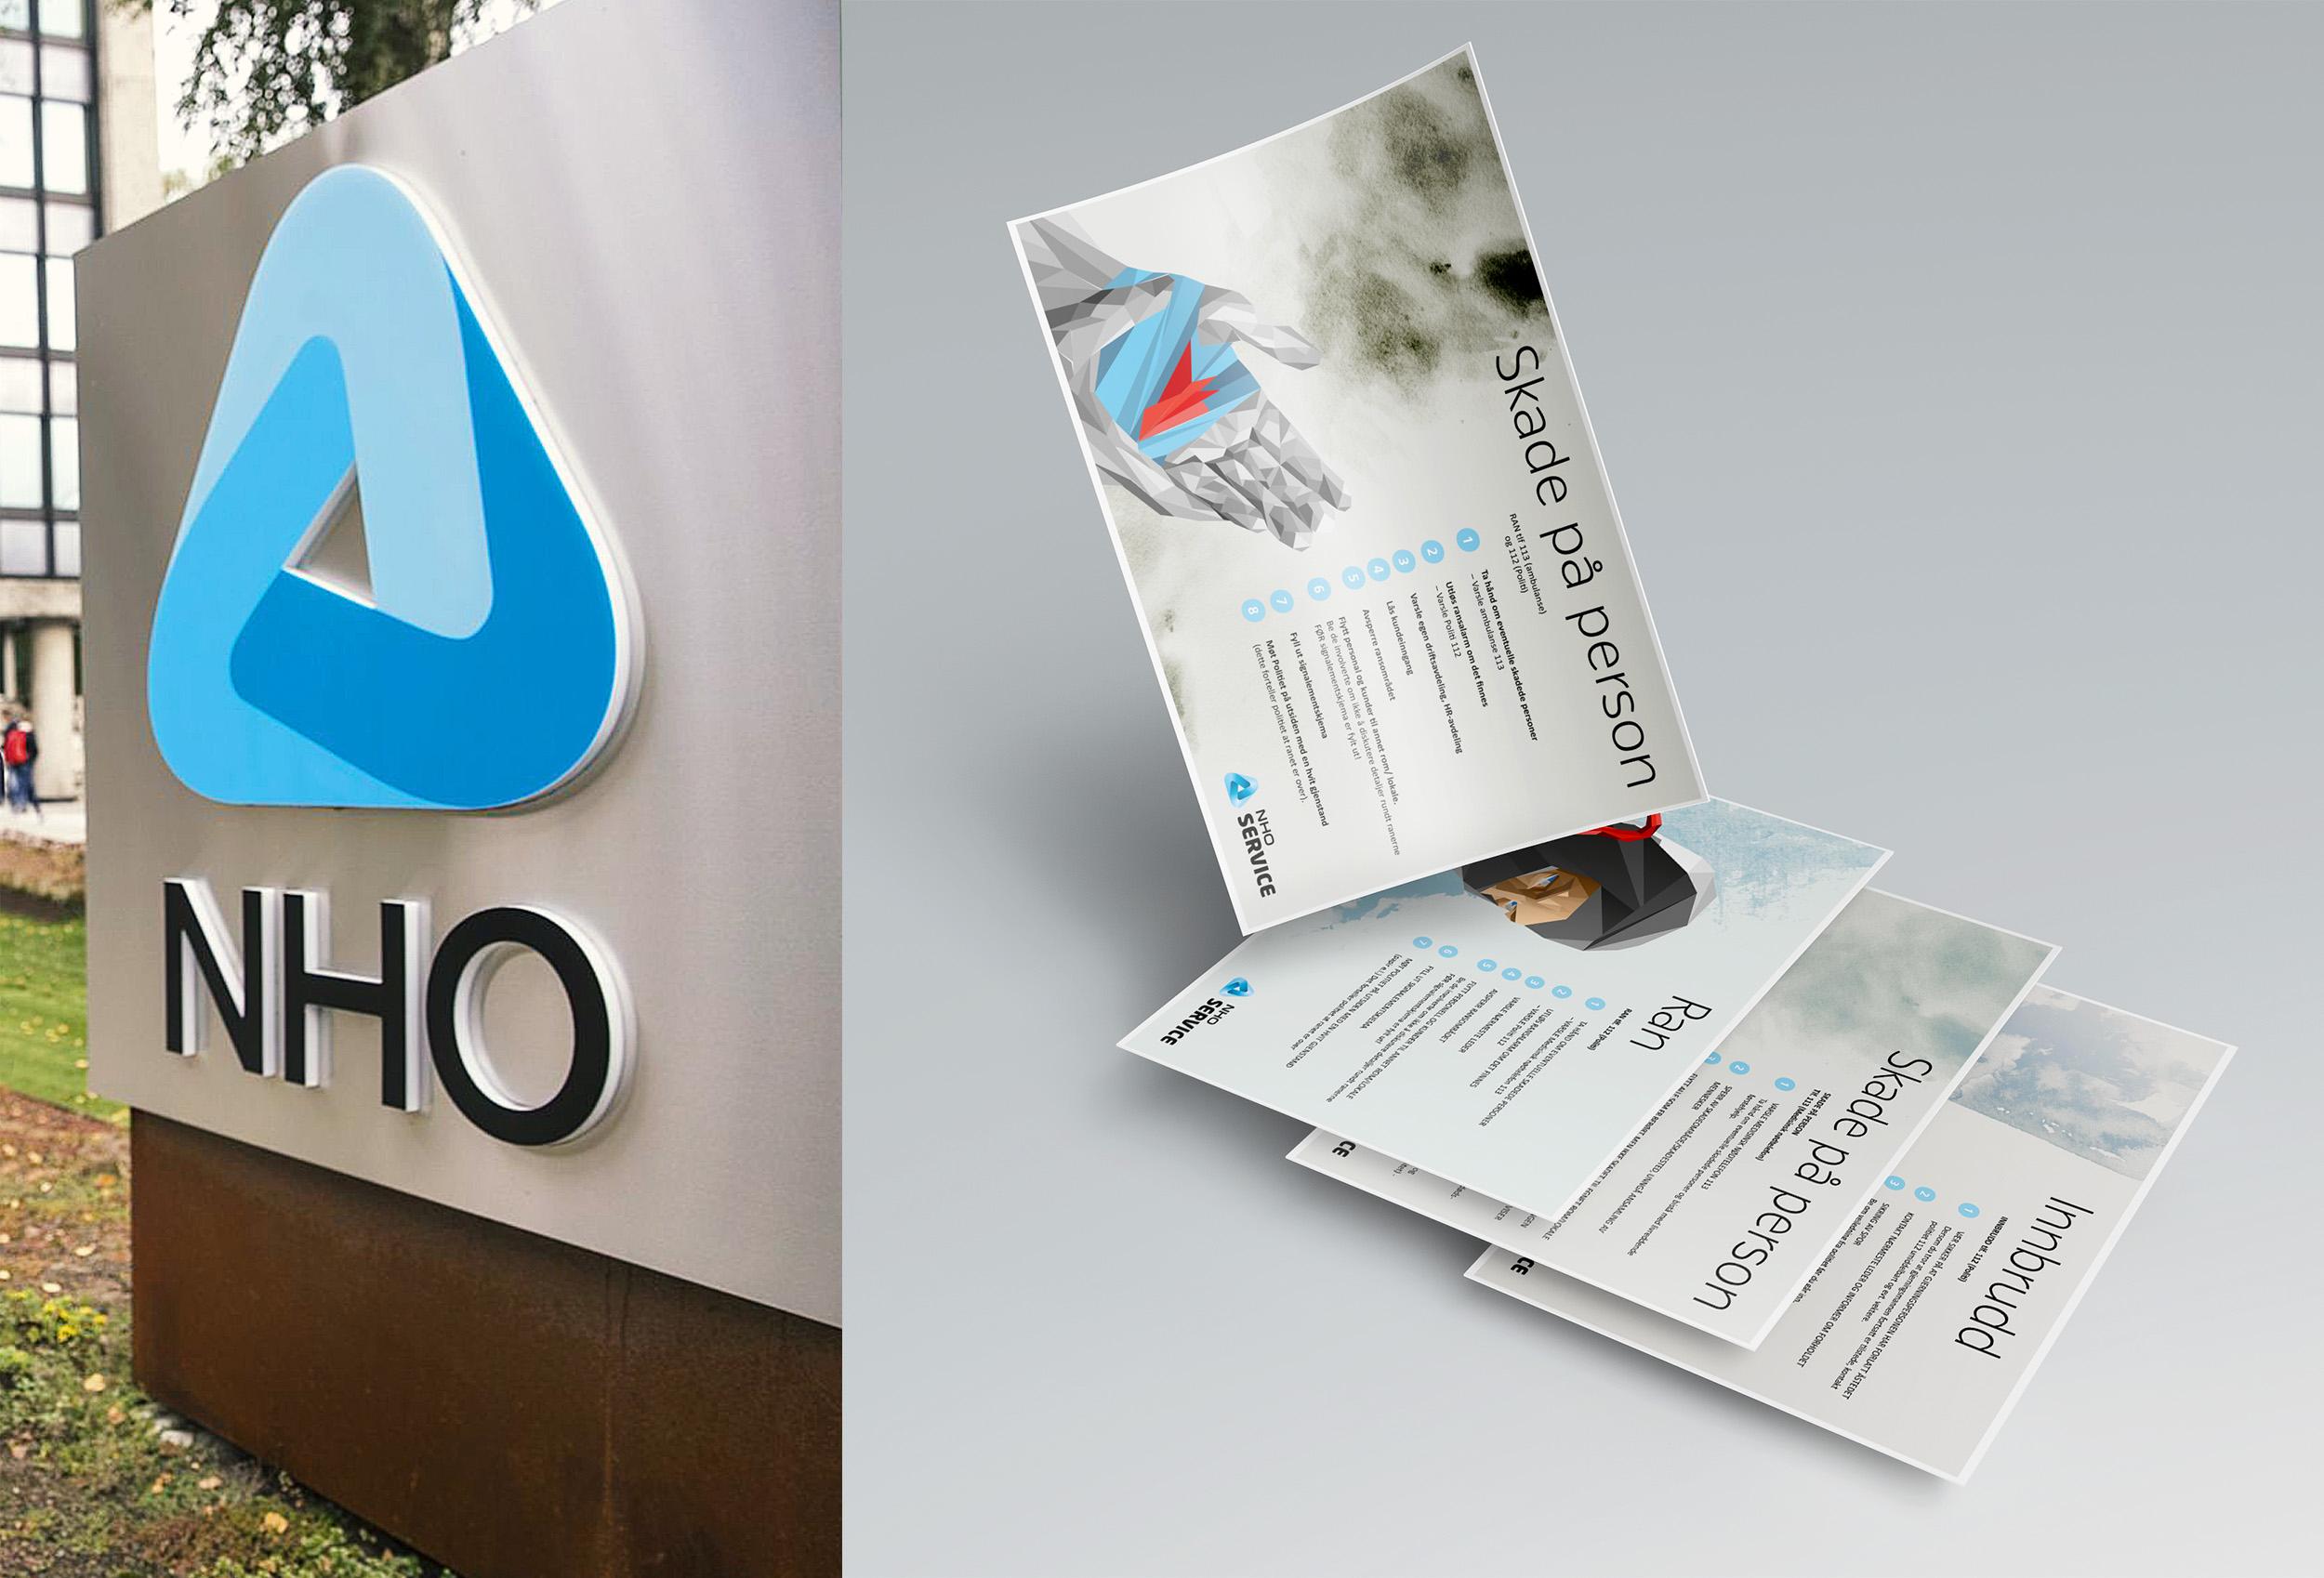 Illustrasjon og plakater for NHO